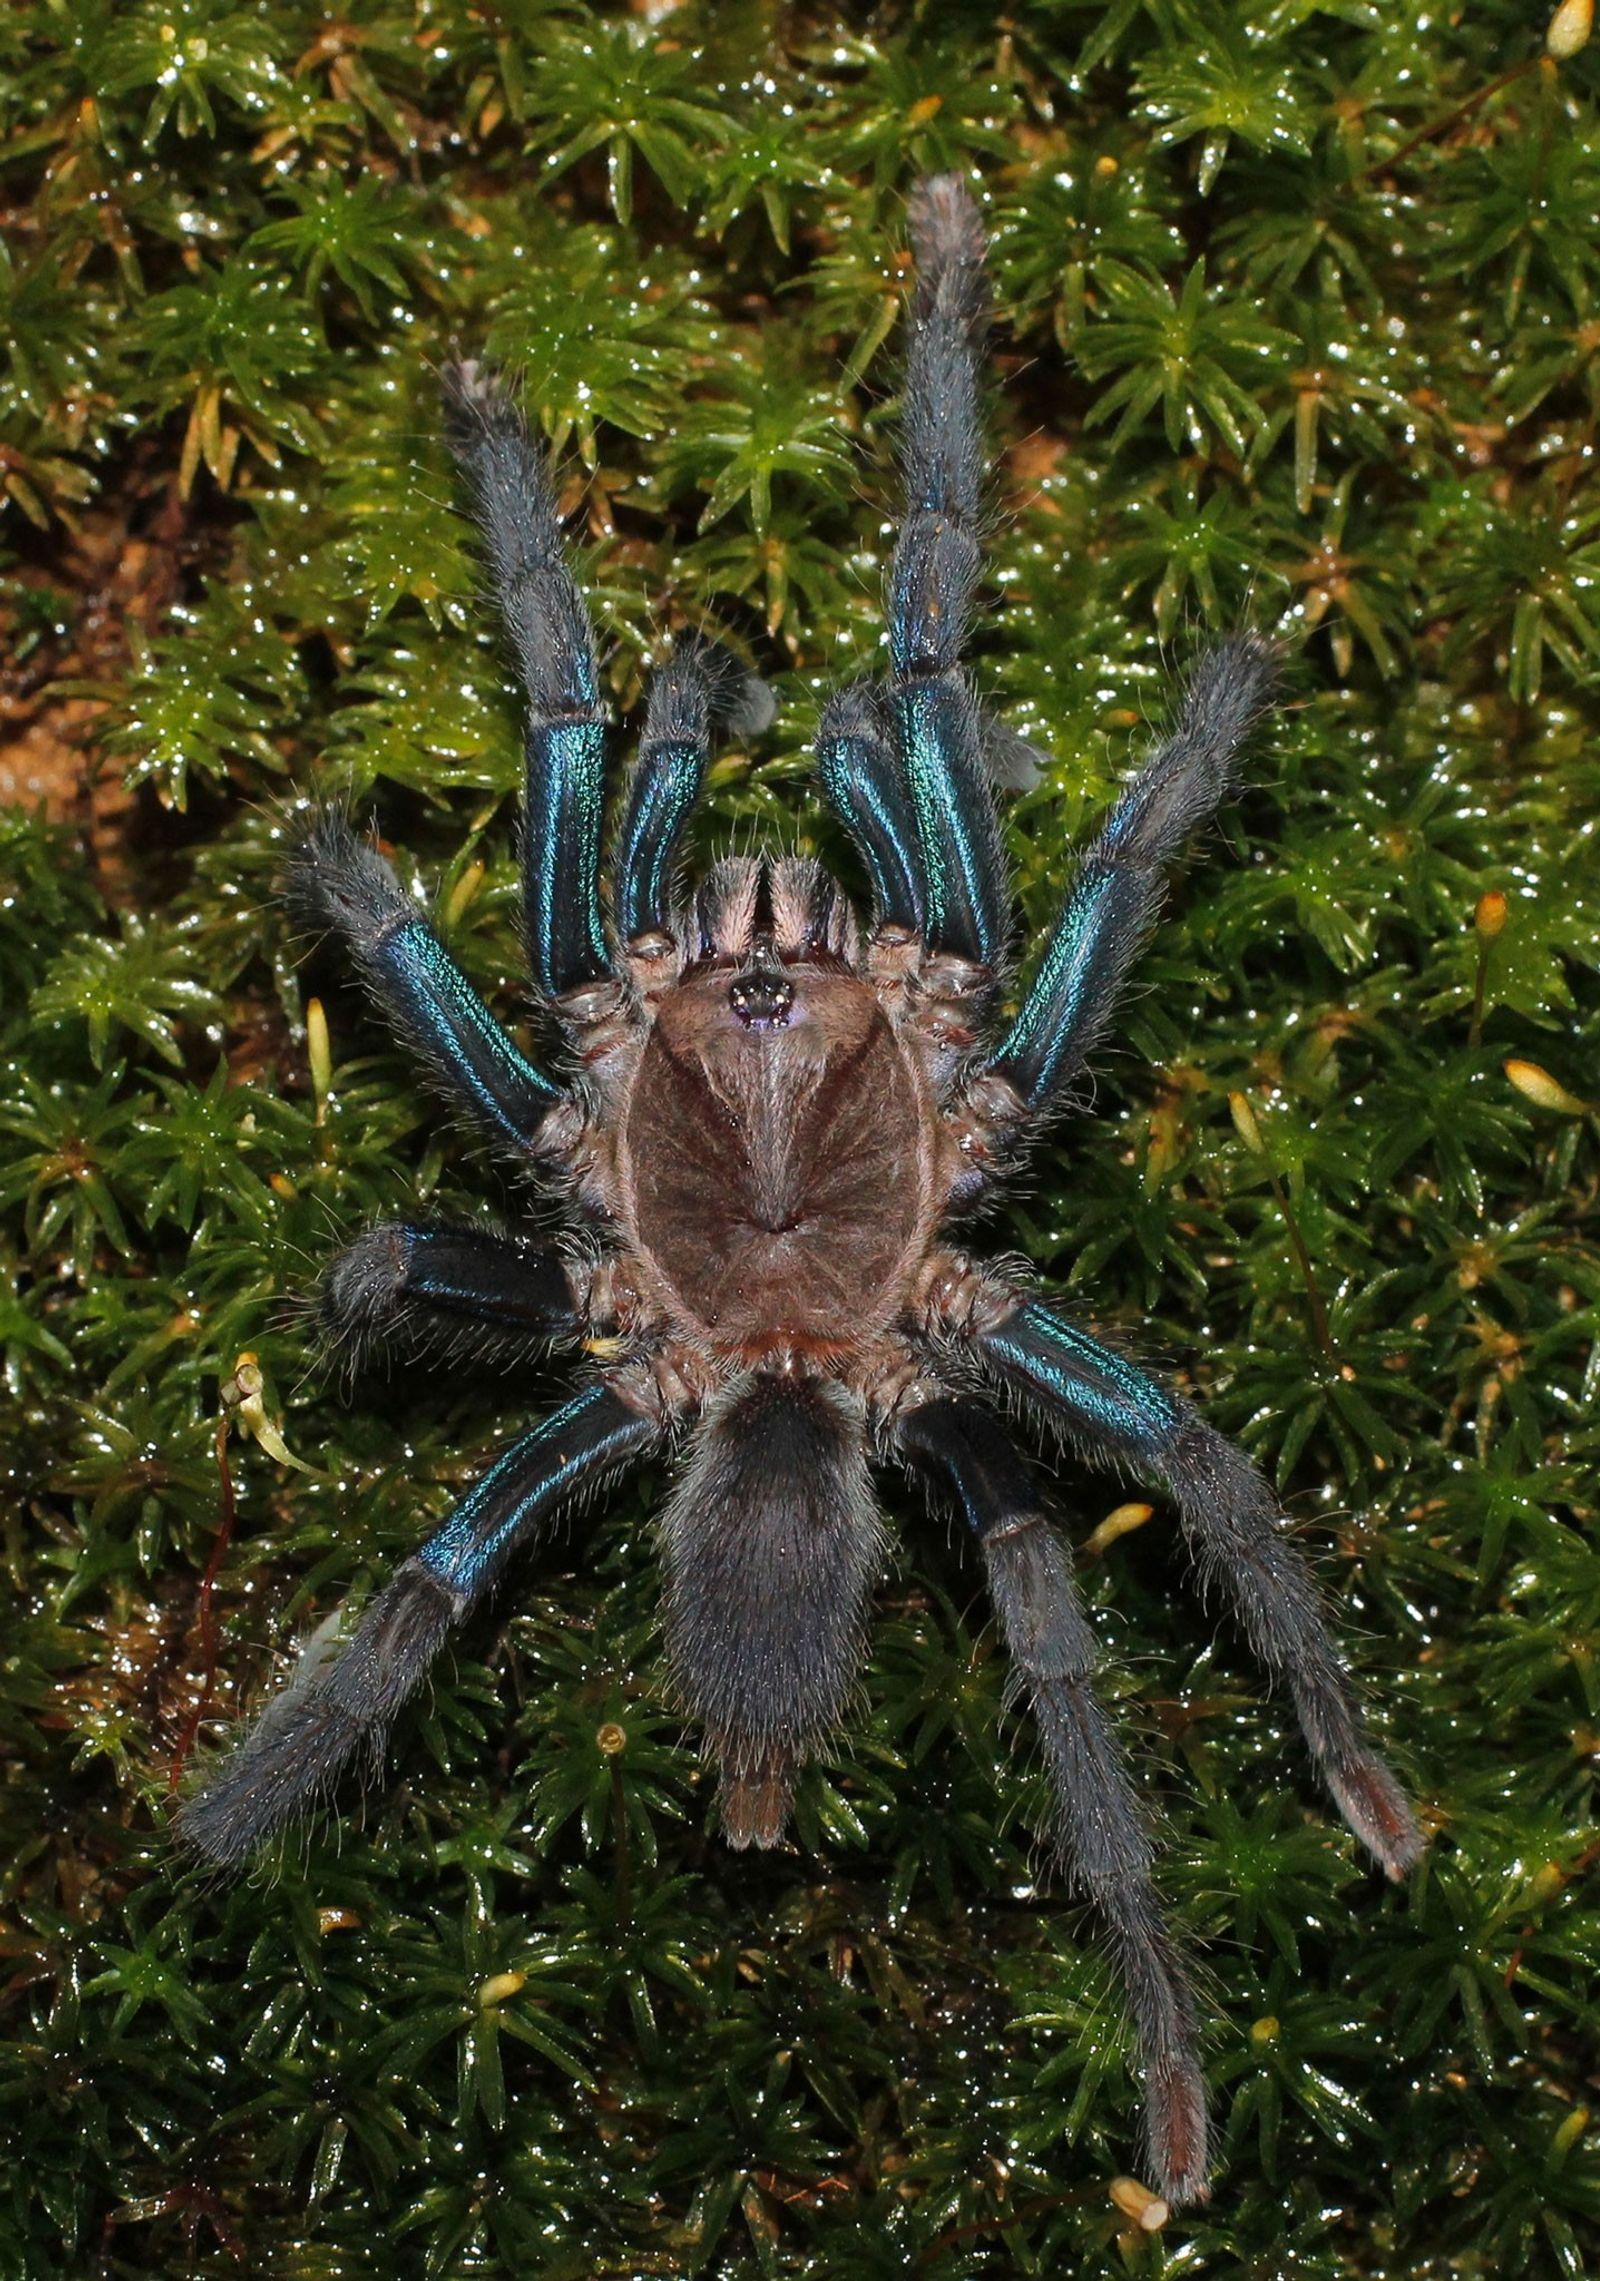 Las hembras de la especie que se acaba de descubrir son de un color azul intenso, ...